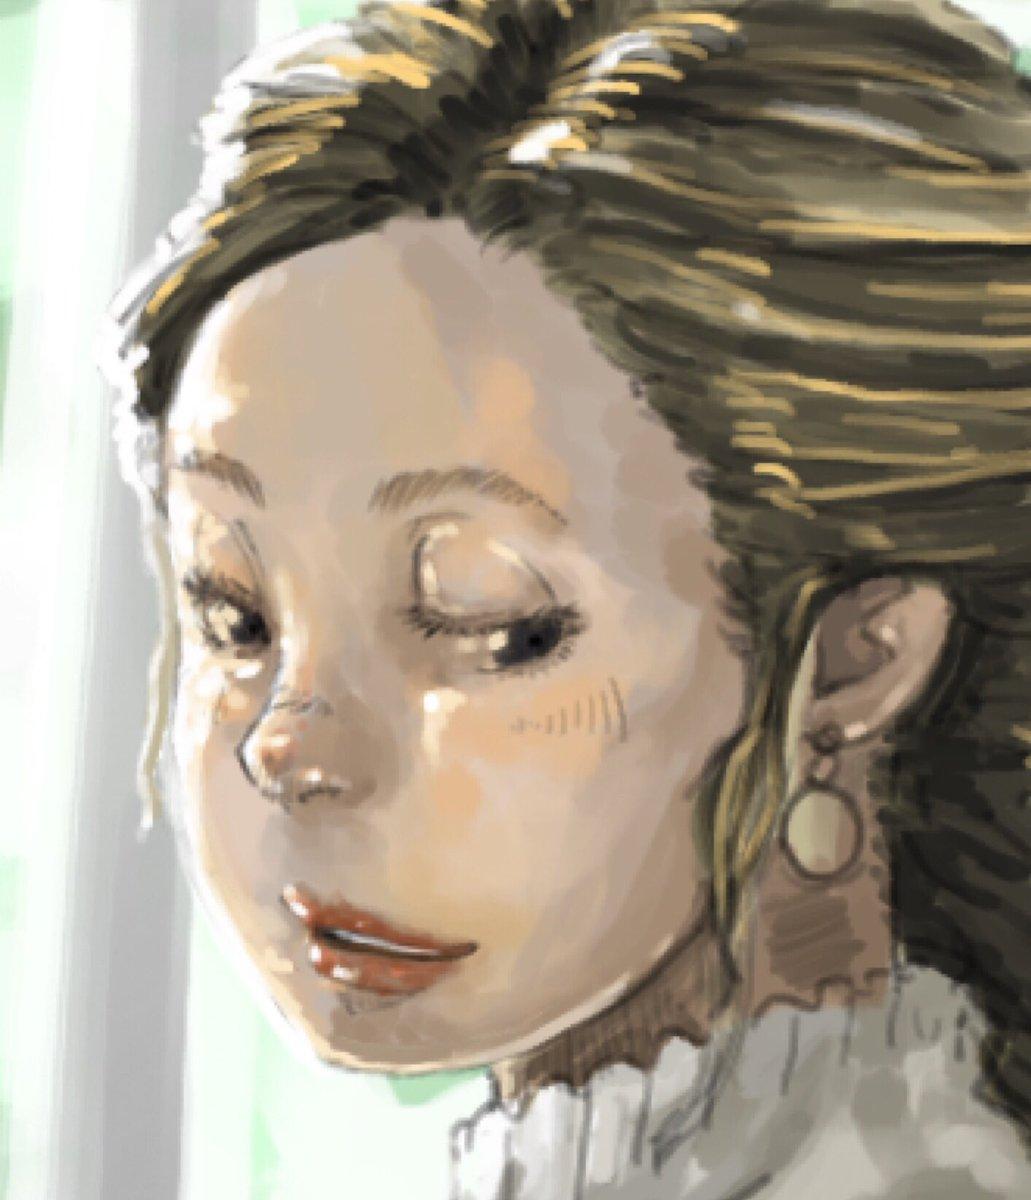 おはジェンヌ。 #絵描きさんと繋がりたい